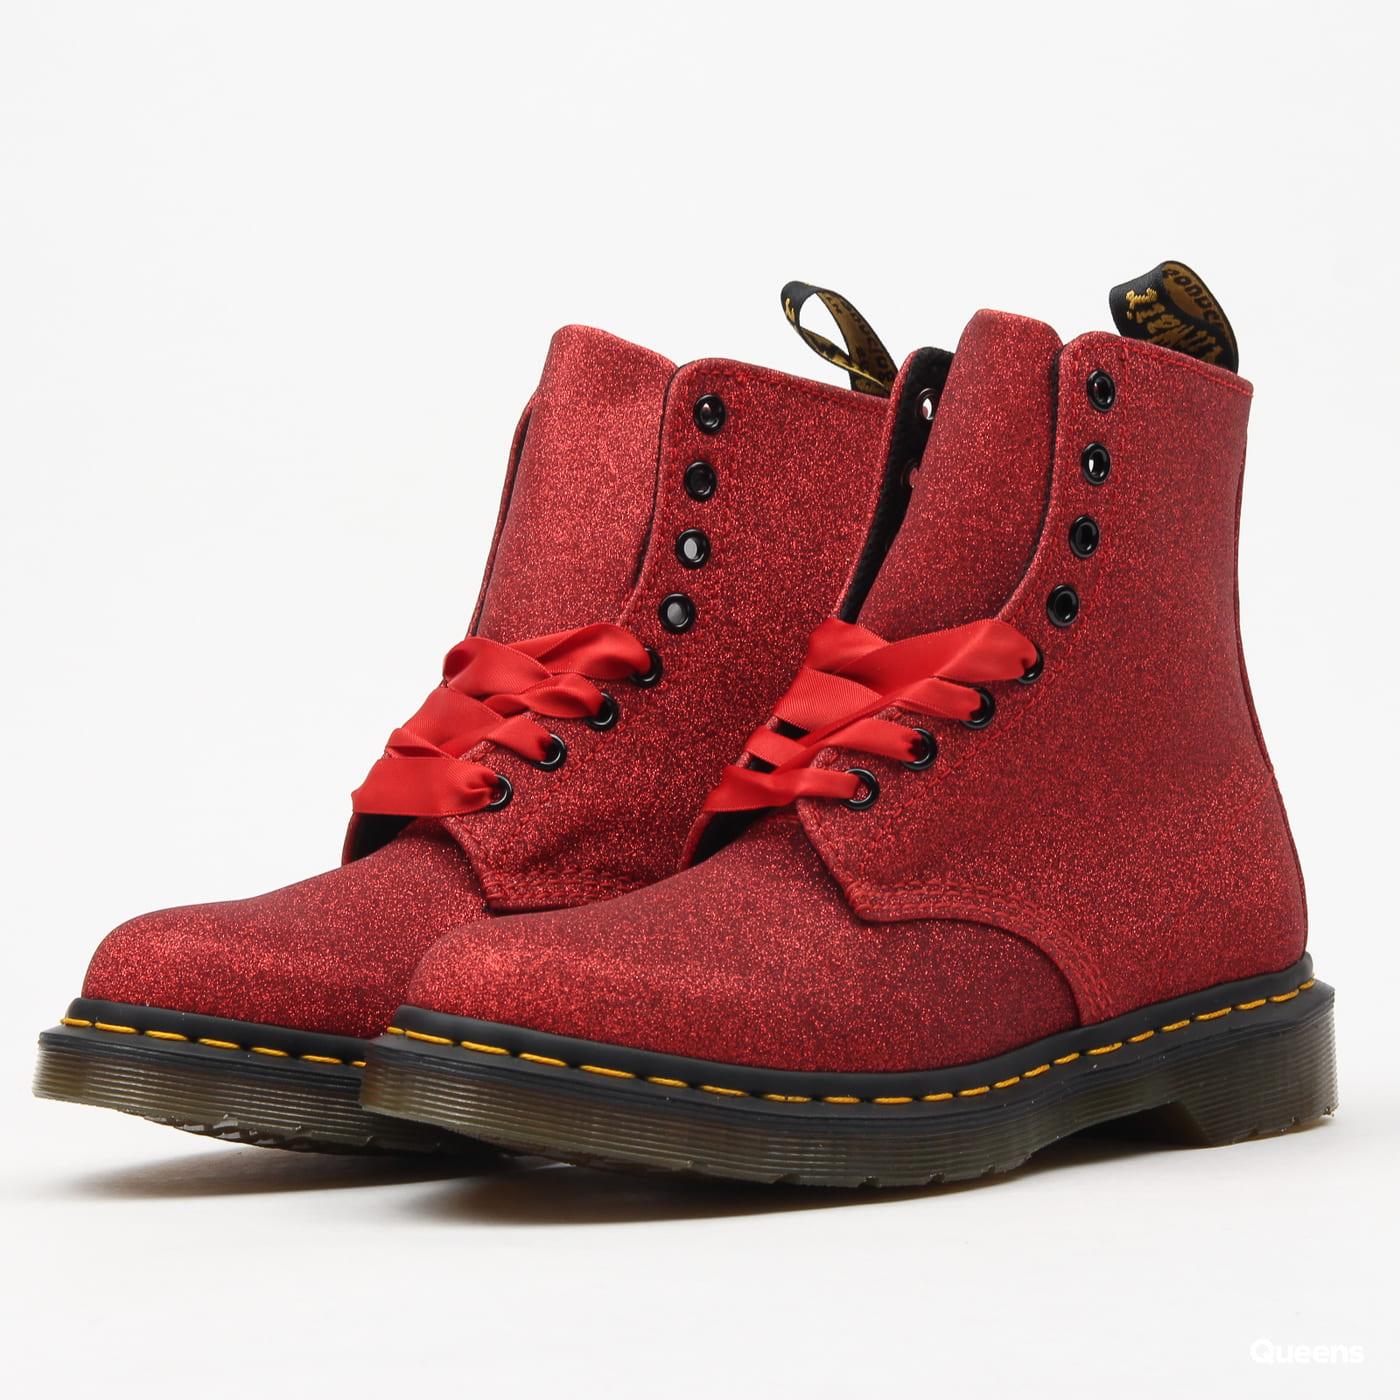 59c2a7221ffa Women's winter boots Dr. Martens 1460 Pascal Glitter red fine glitter pu  (DM24836902) – Queens 💚